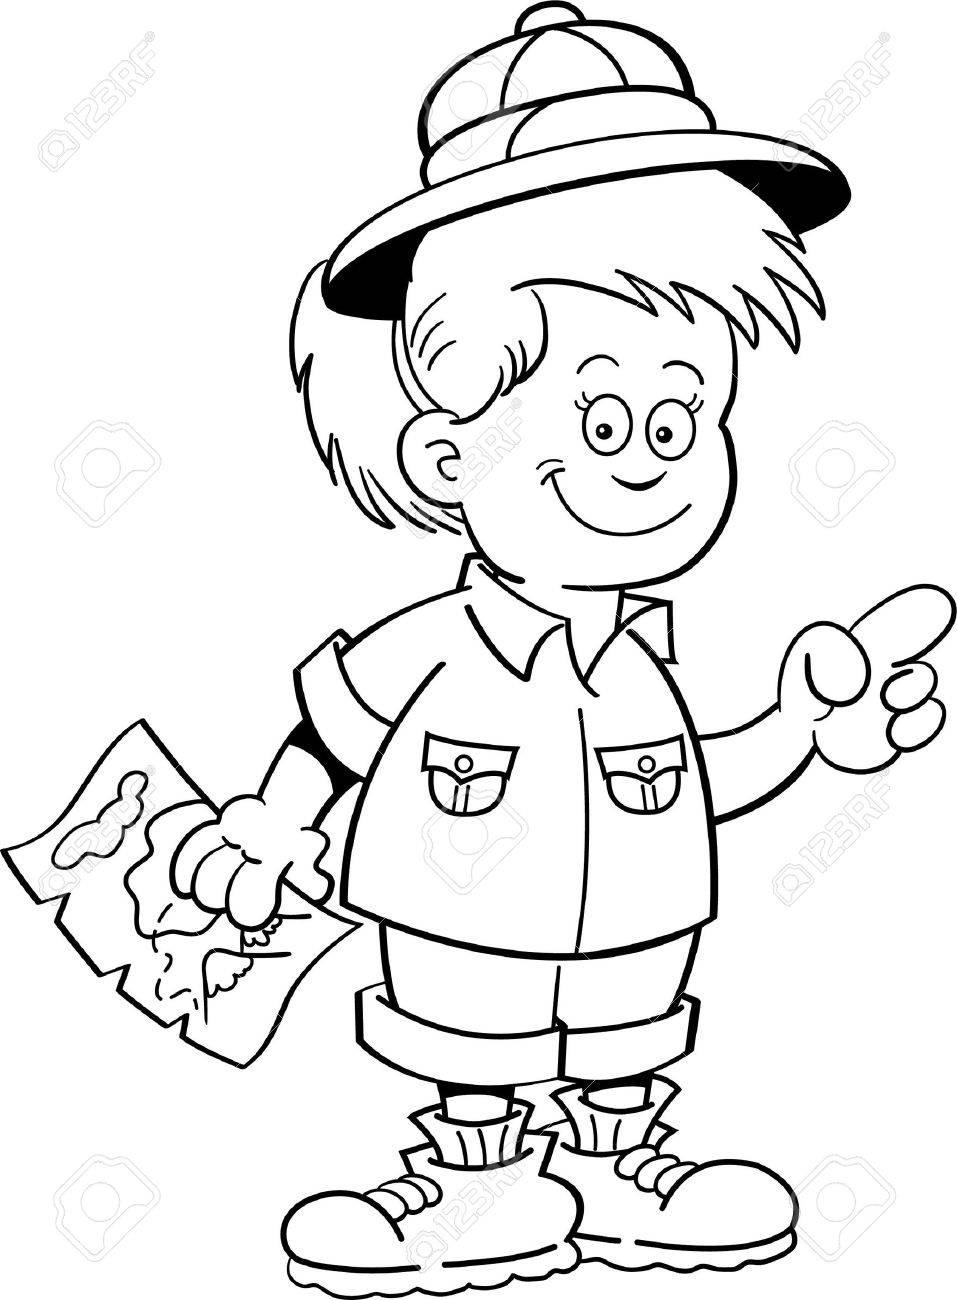 Ilustración En Blanco Y Negro De Un Explorador De La Muchacha Que ...